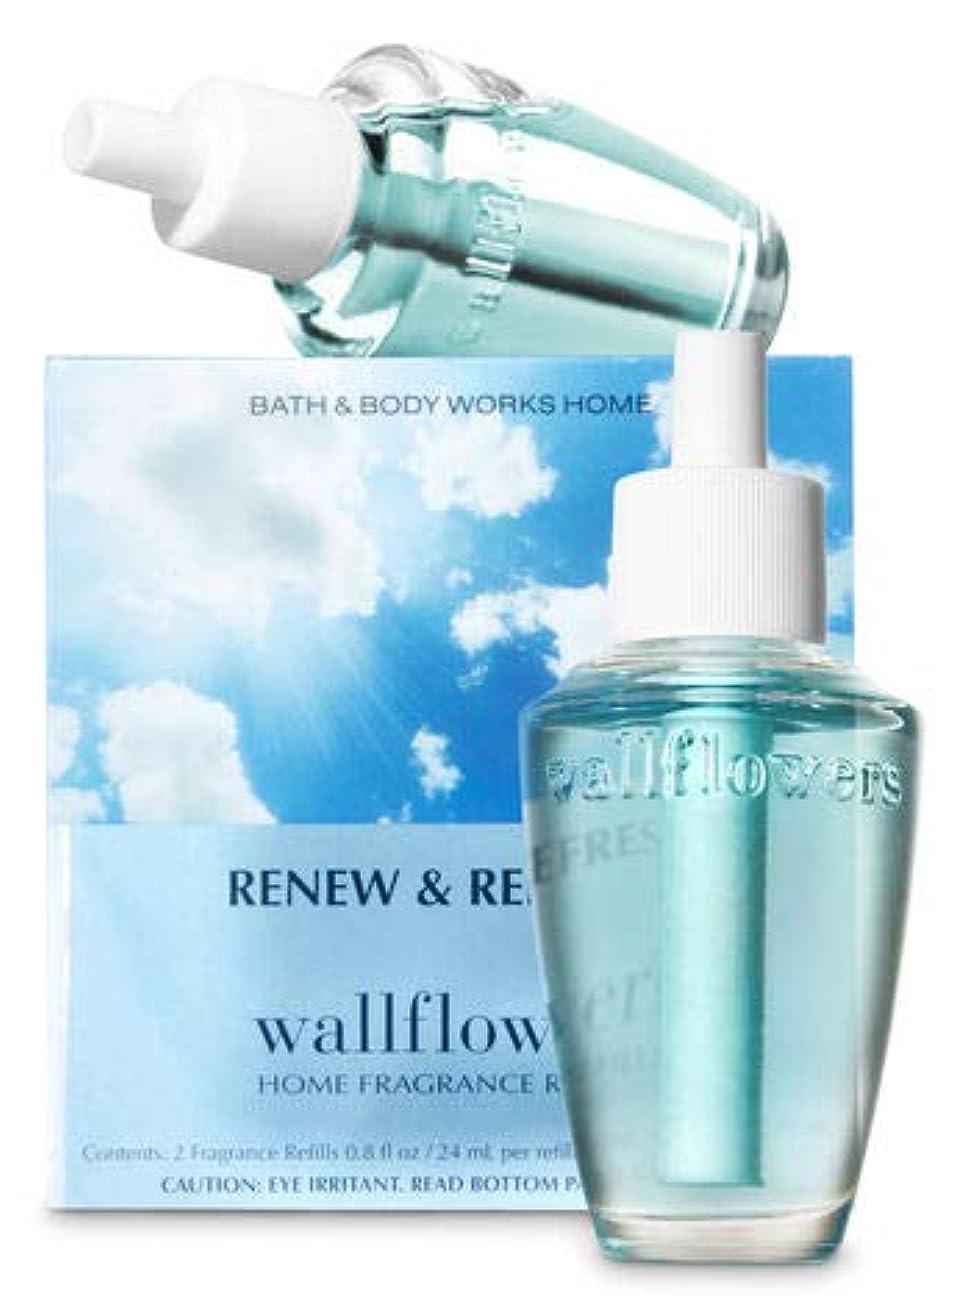 本当に非公式時系列【Bath&Body Works/バス&ボディワークス】 ホームフレグランス 詰替えリフィル(2個入り) リニュー&リフレッシュ Wallflowers Home Fragrance 2-Pack Refills Renew & Refresh [並行輸入品]